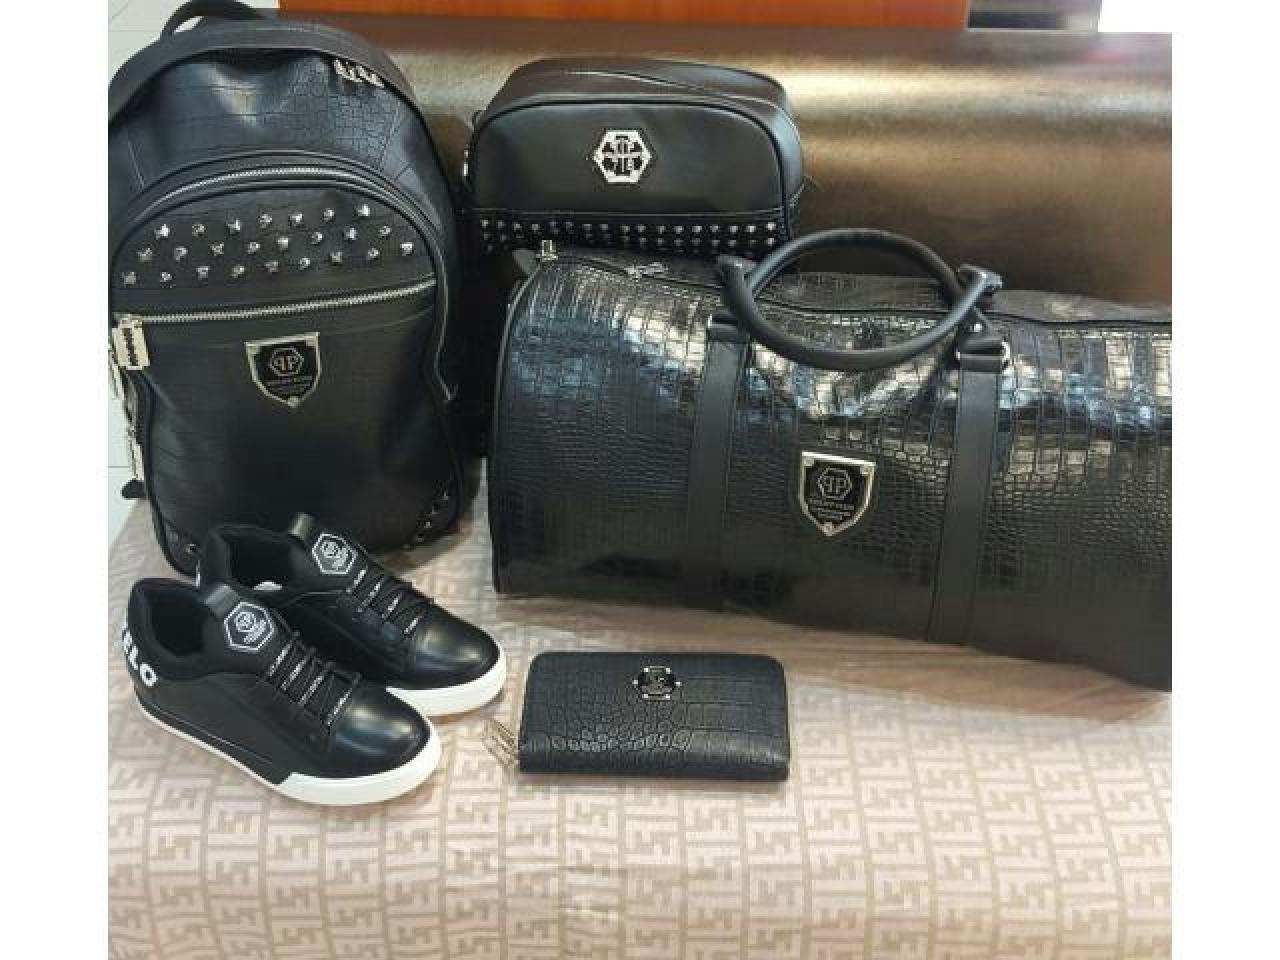 Обувь и сумочки копии знаменитых брендов - 8